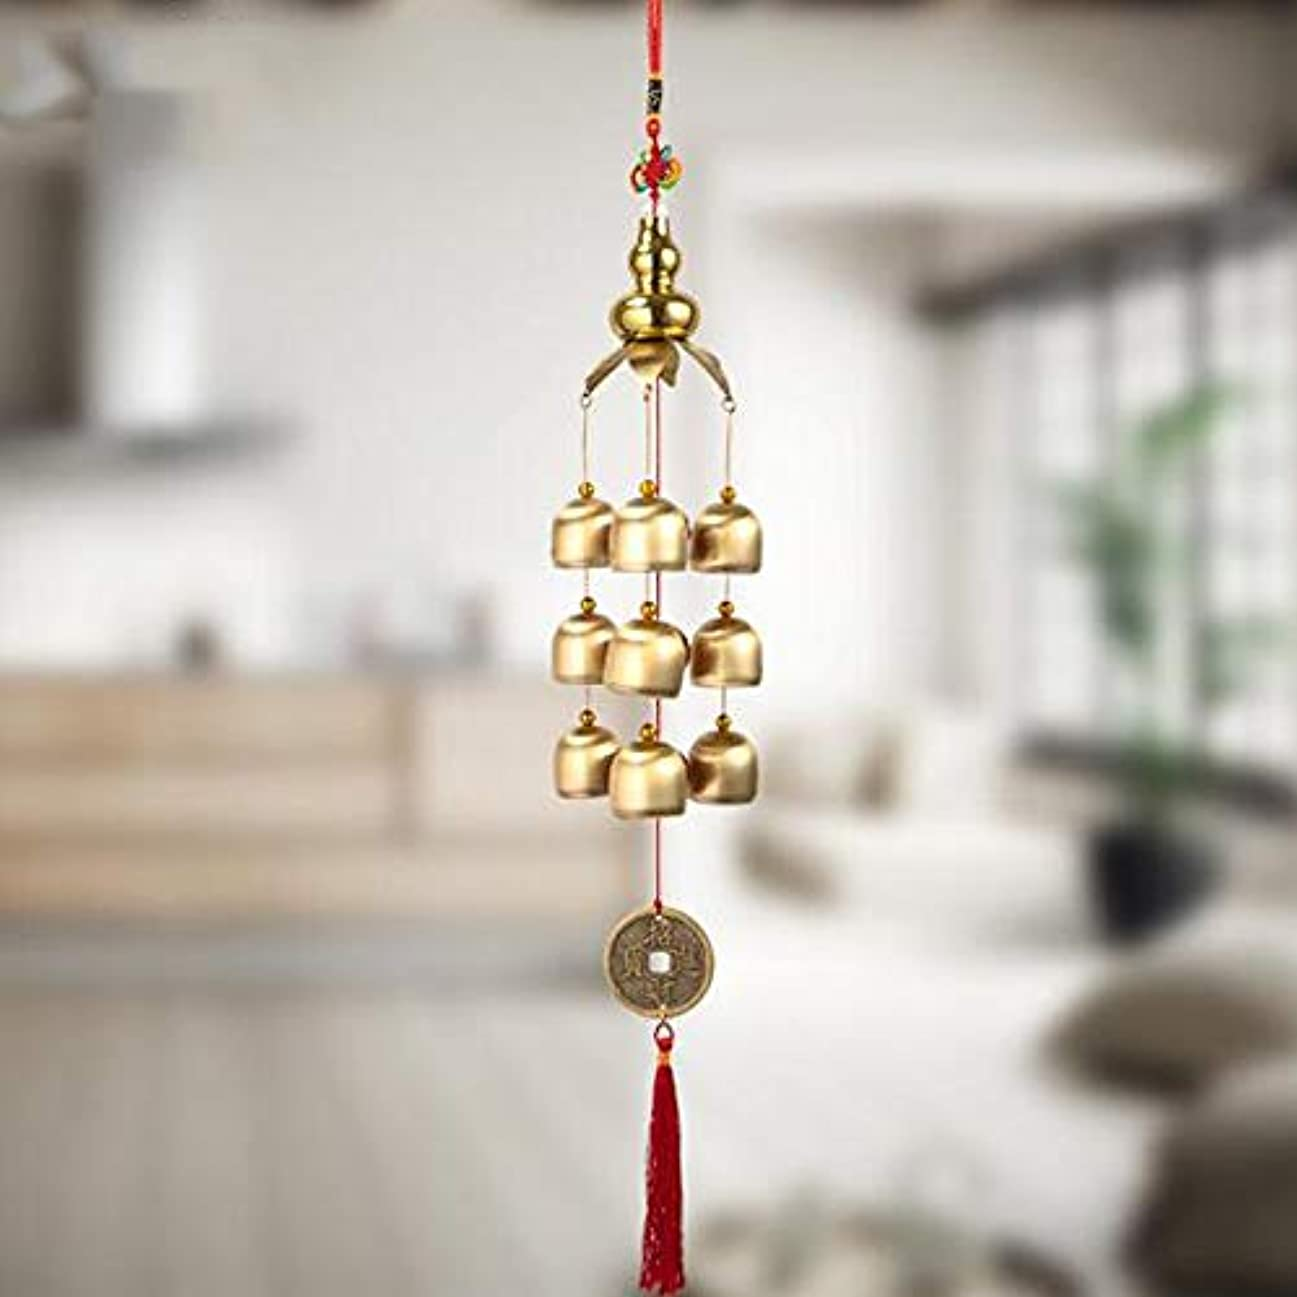 ストライプ懇願する陸軍Jielongtongxun 風チャイム、クリエイティブ?銅ひょうたんホームデコレーション風チャイム、ゴールド、約45CMの長さの合計,絶妙な飾り (Color : C)